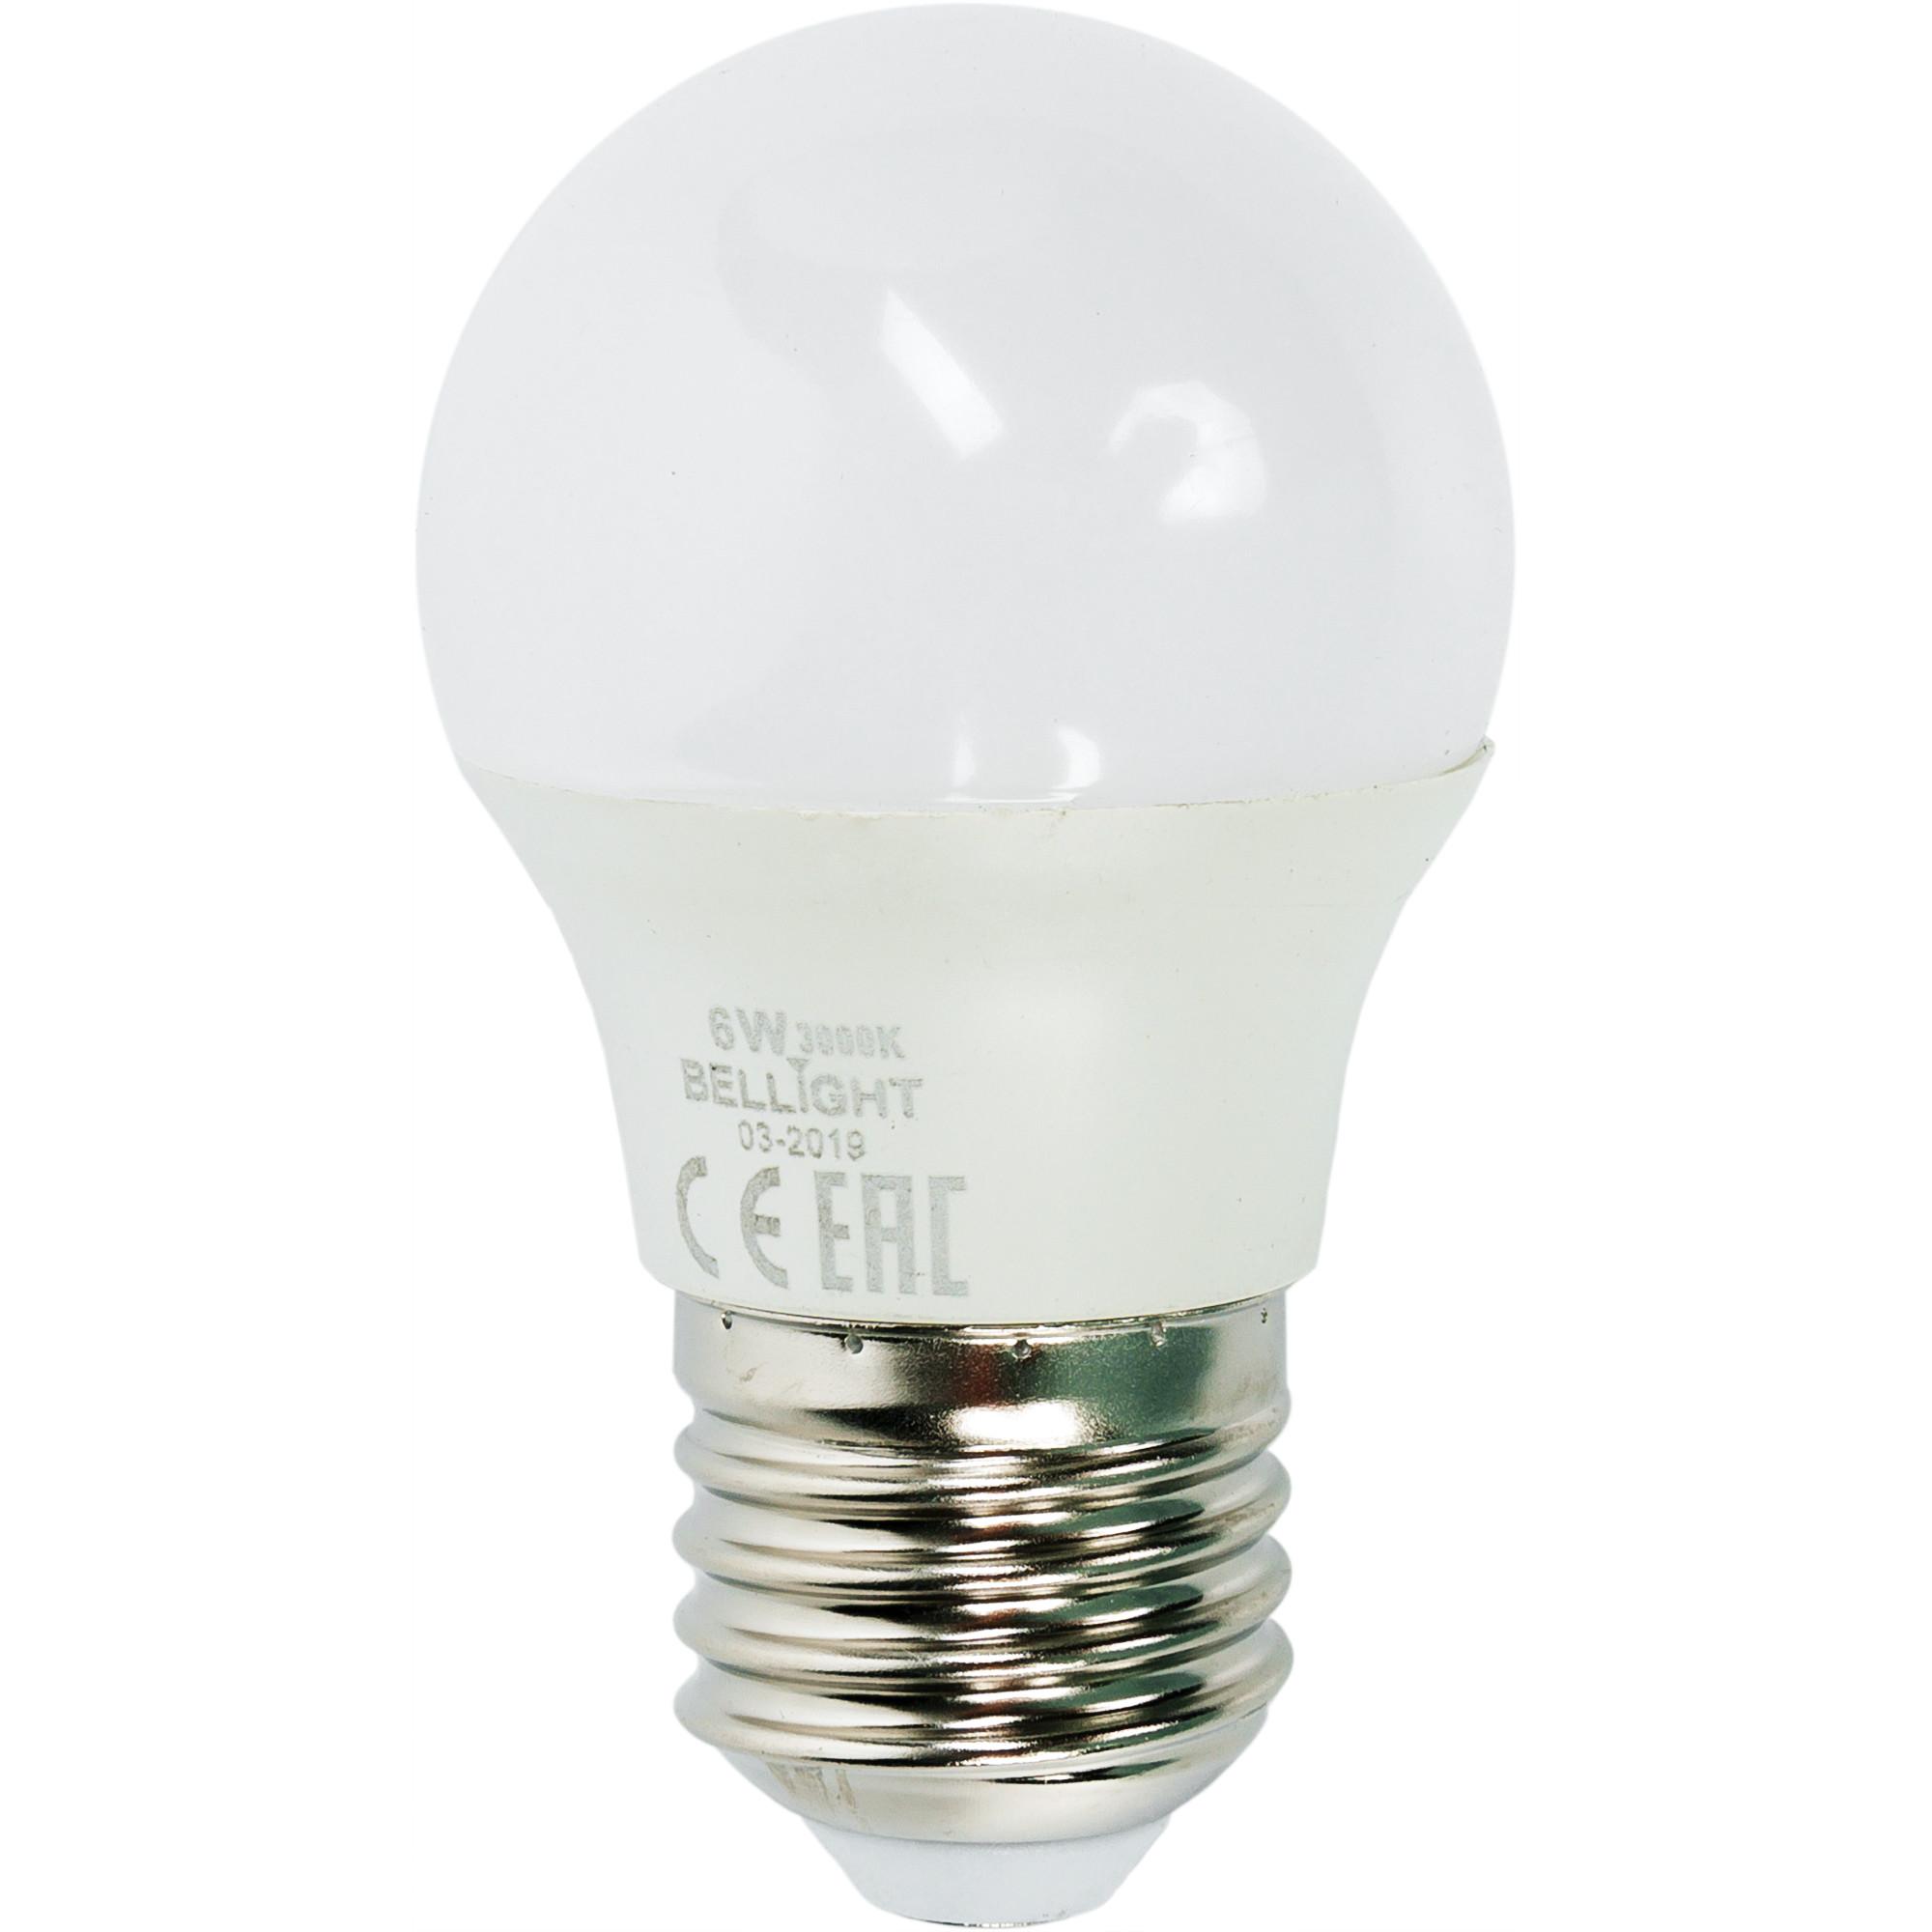 Лампа светодиодная Bellight E27 220-240 В 6 Вт шар 480 лм тёплый белый свет